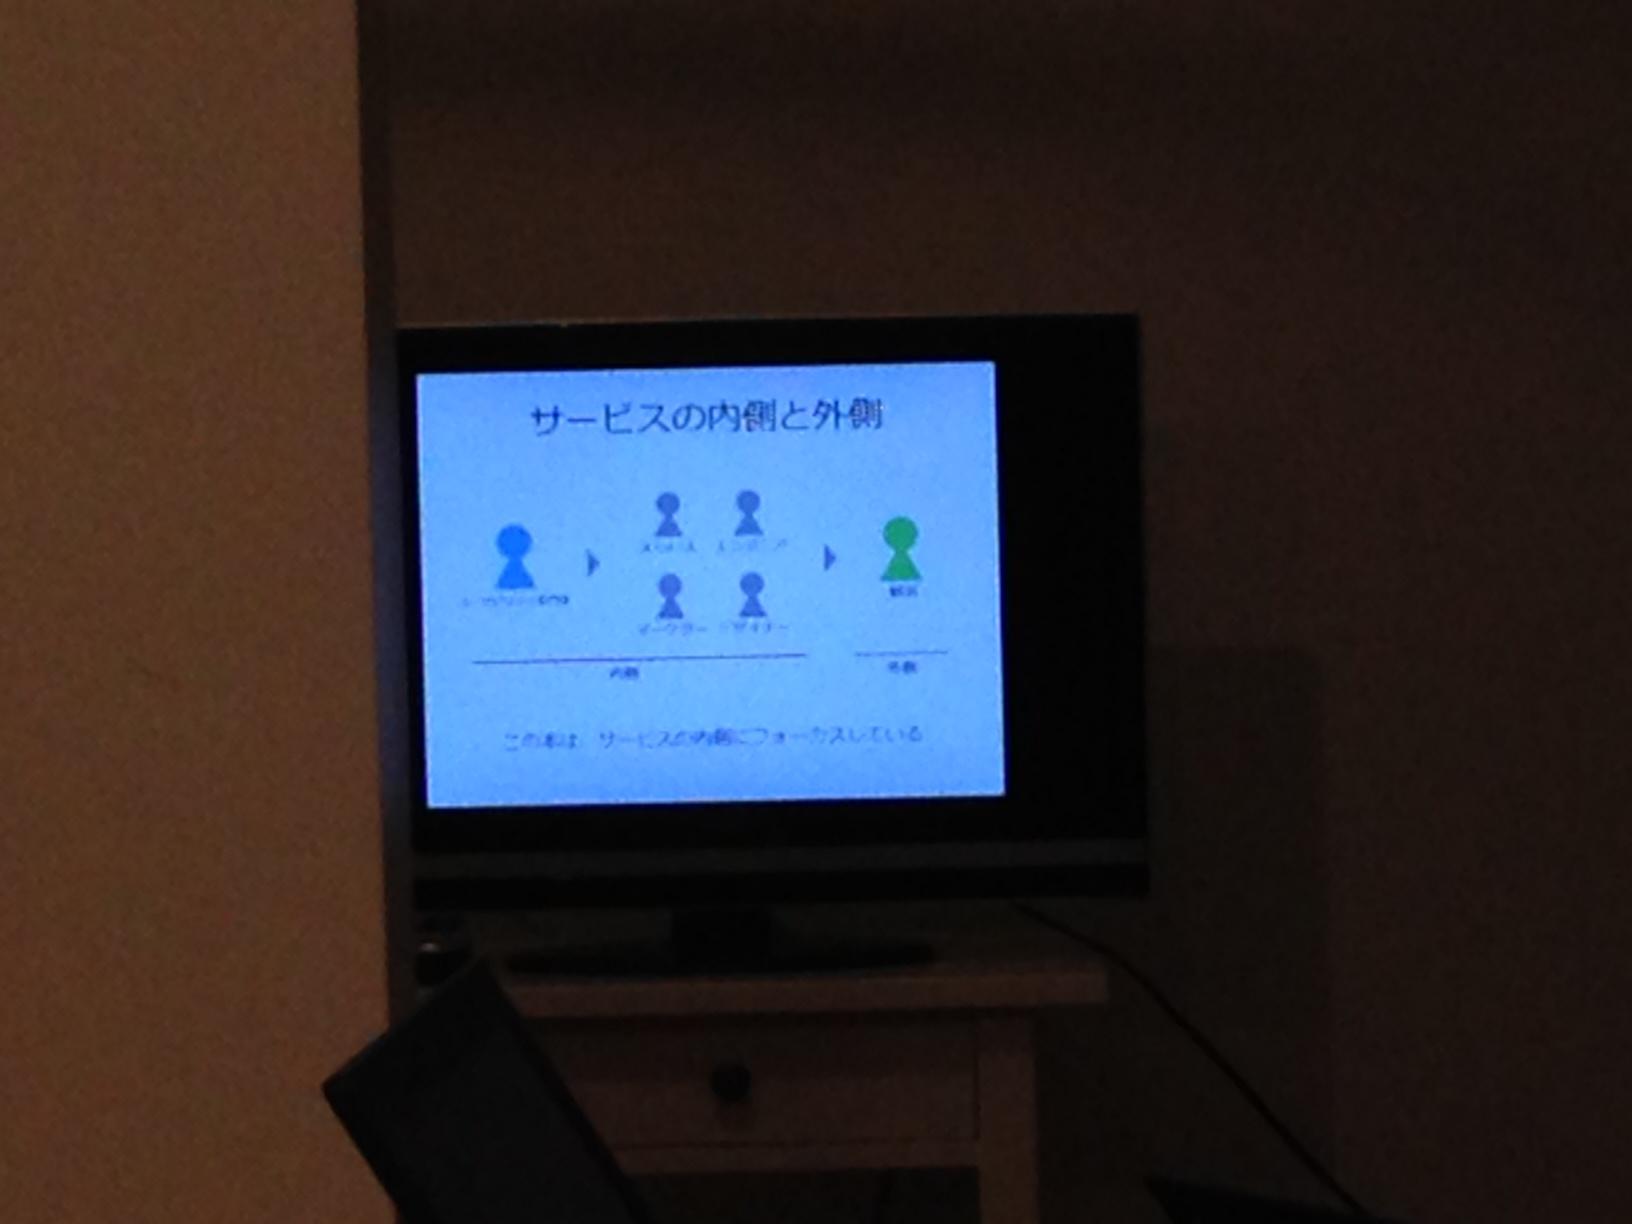 Designing the conversation,ux,ユーザーエクスペリエンス,ウェブコンサルティング,WEBコンサルティング,東京,日本文化創出株式会社